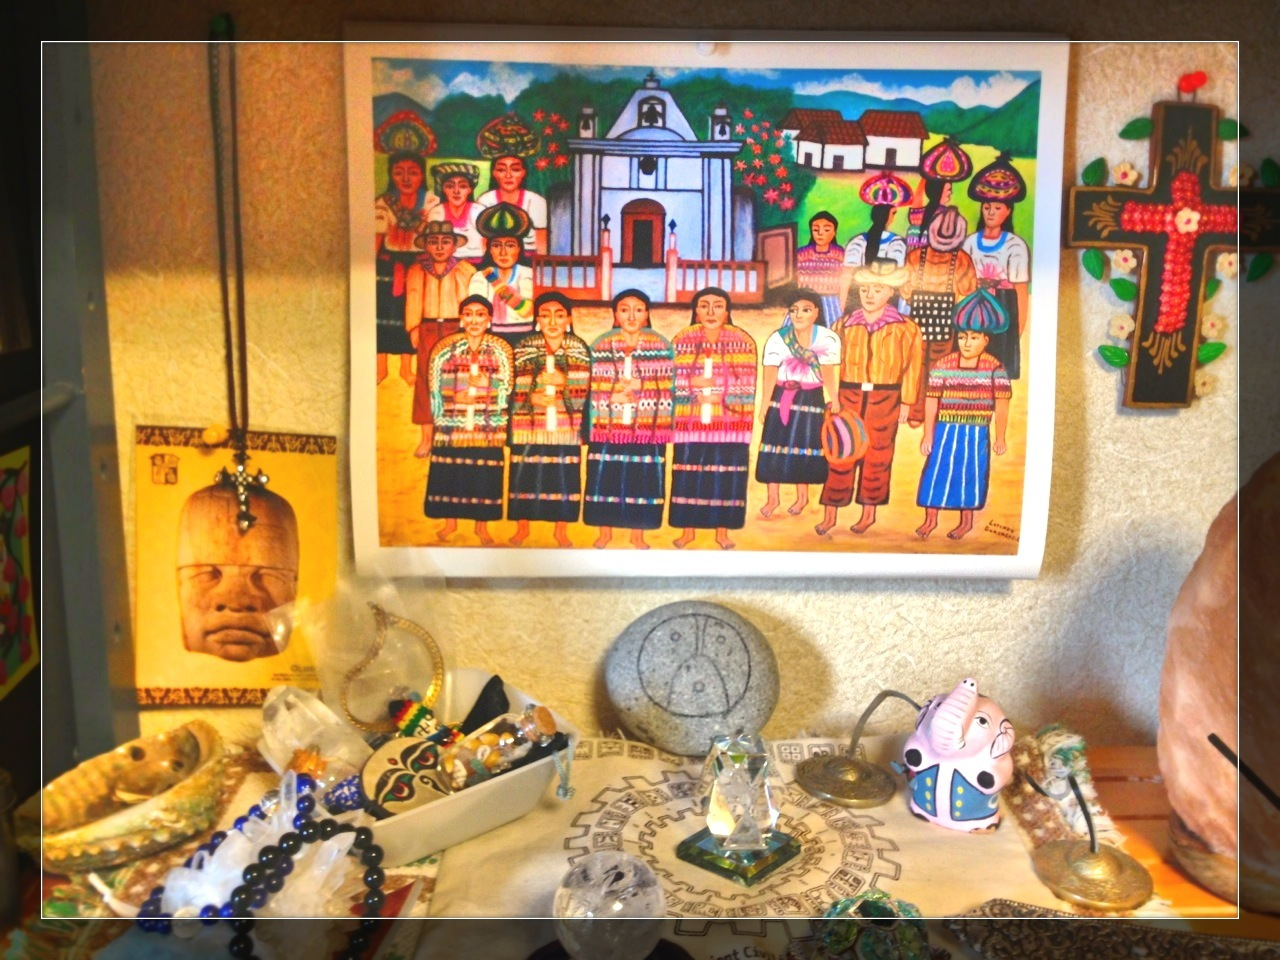 神聖な儀式と冬至と誕生のシンクロ!_b0213435_14424574.jpg